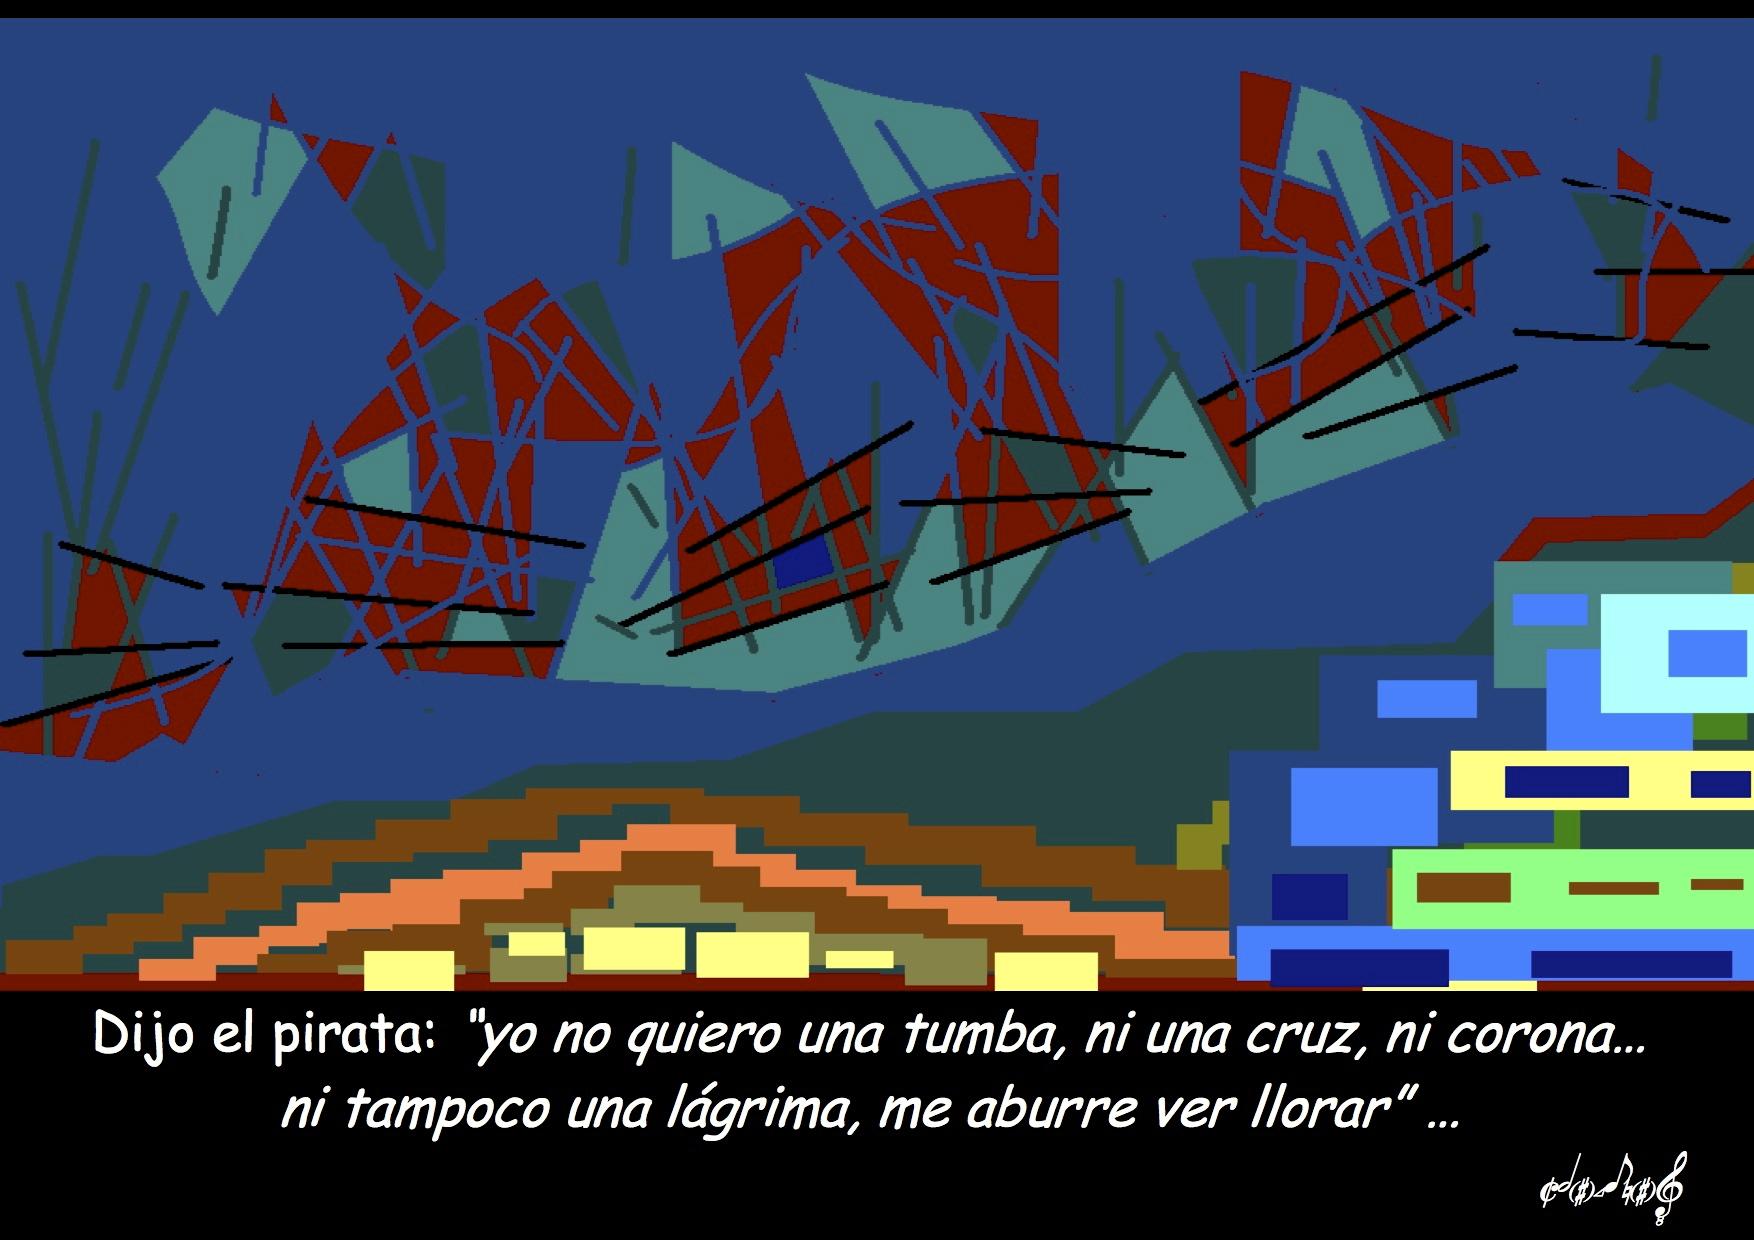 POEMAS_PINTURAS_elbuquefantasma de_Chalena